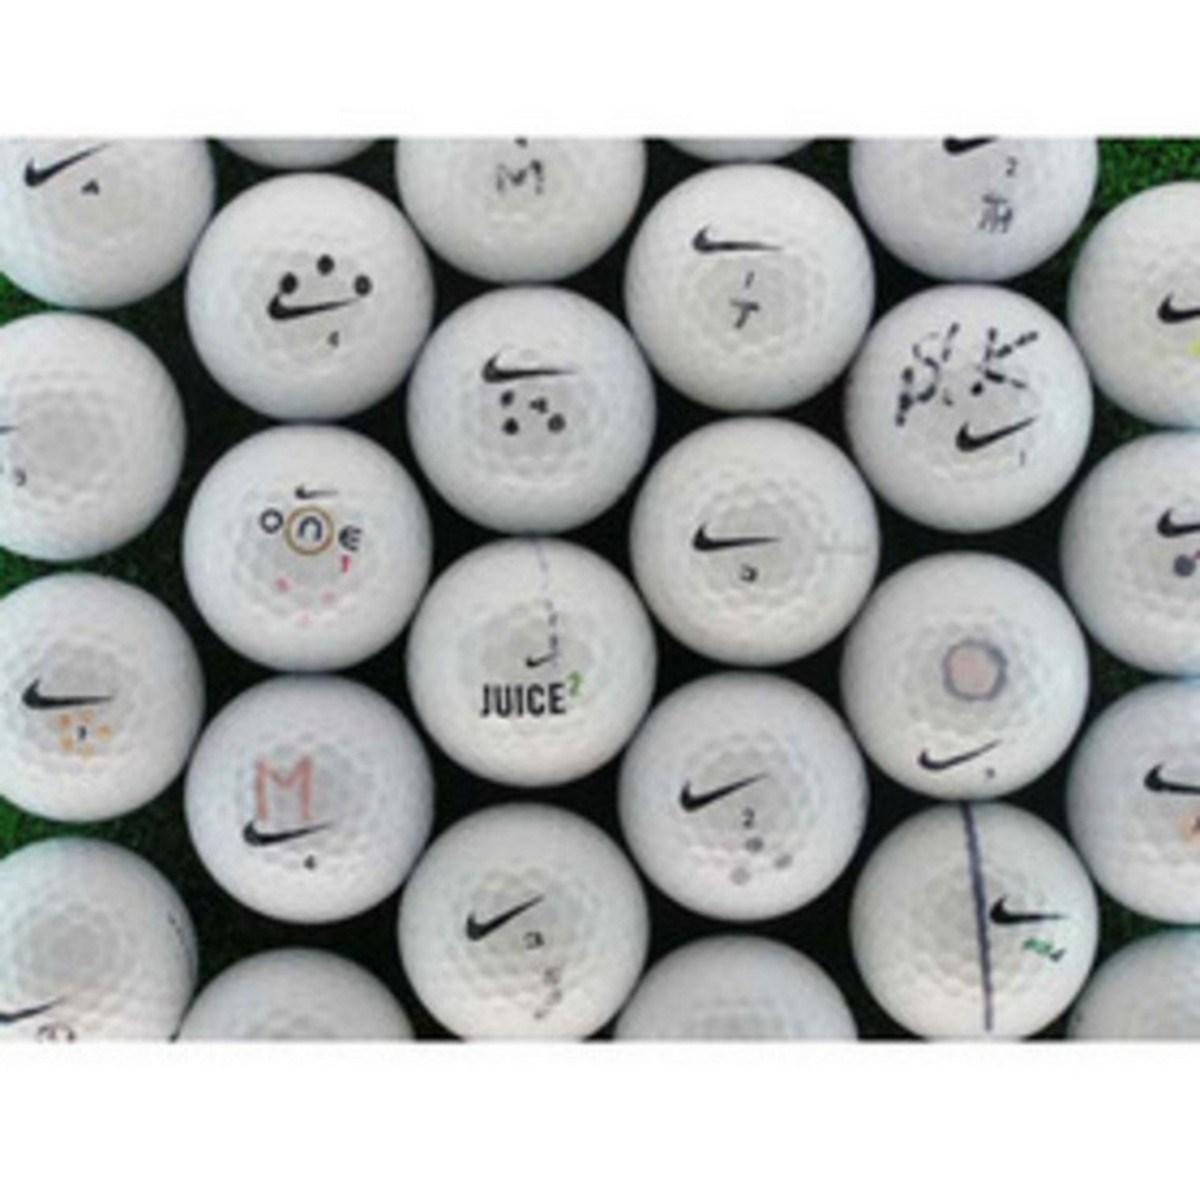 ロストボール メイホウゴルフ ロストボール マーカー入り ナイキ 15個セット